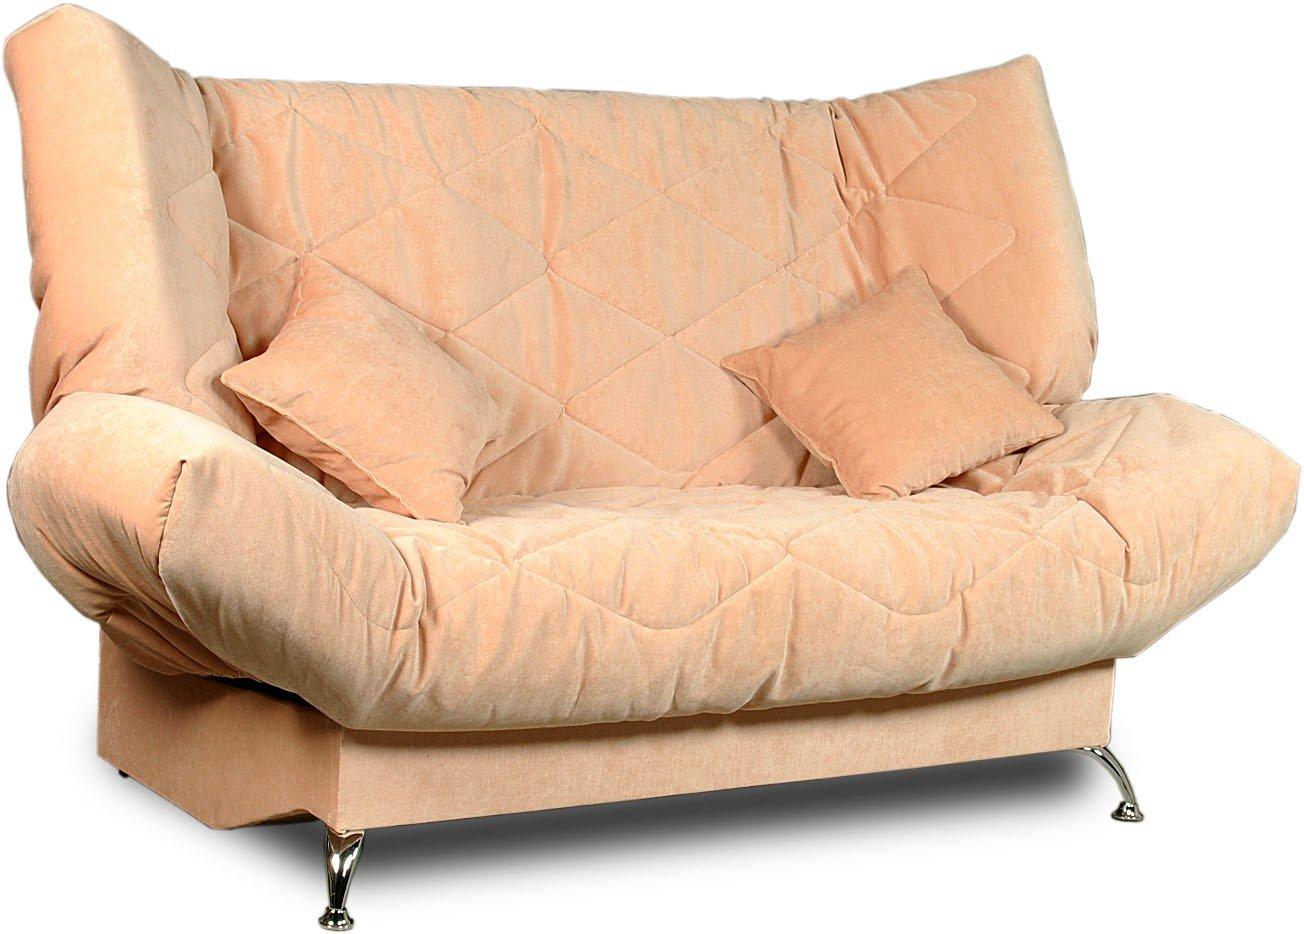 Как сделать клизму в домашних условиях при запоре 50